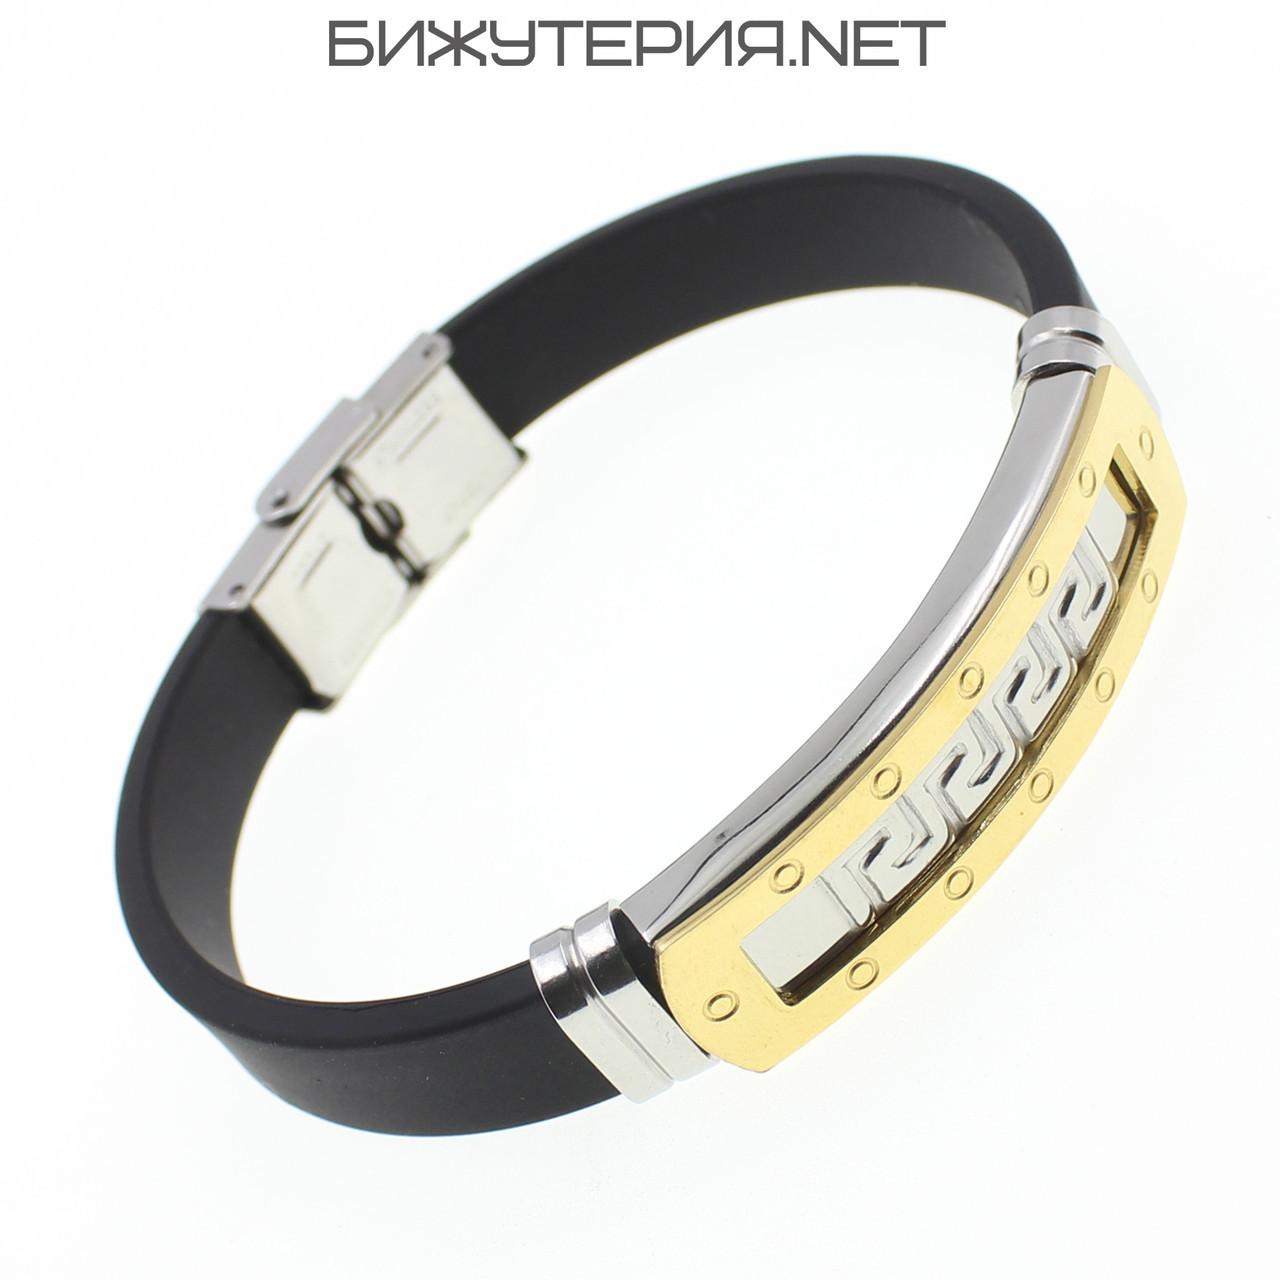 Мужской браслет Stainless Steel - 1043008425